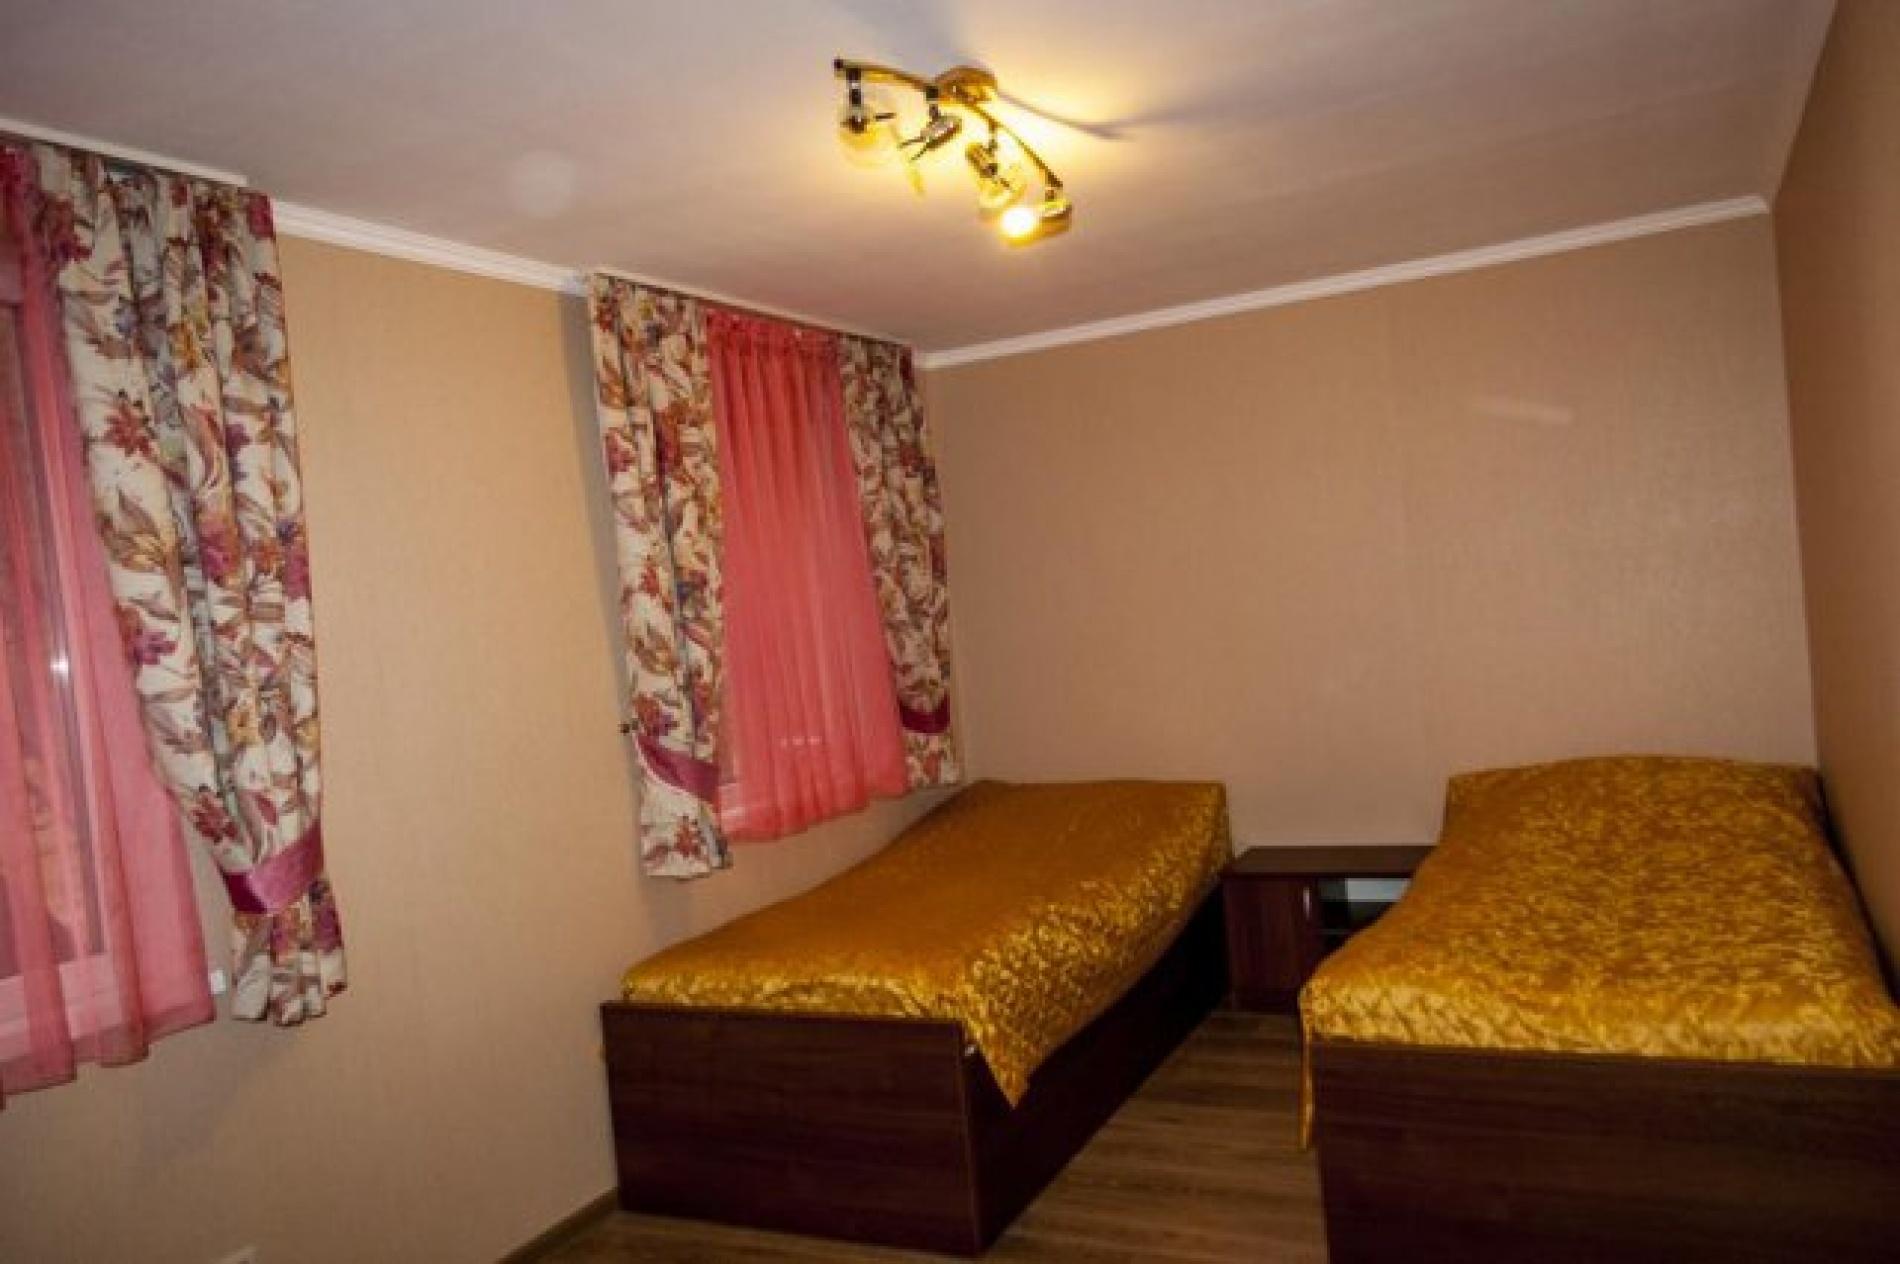 База отдыха «Стёпаново» Вологодская область 3-местный номер в Доме № 3, фото 3